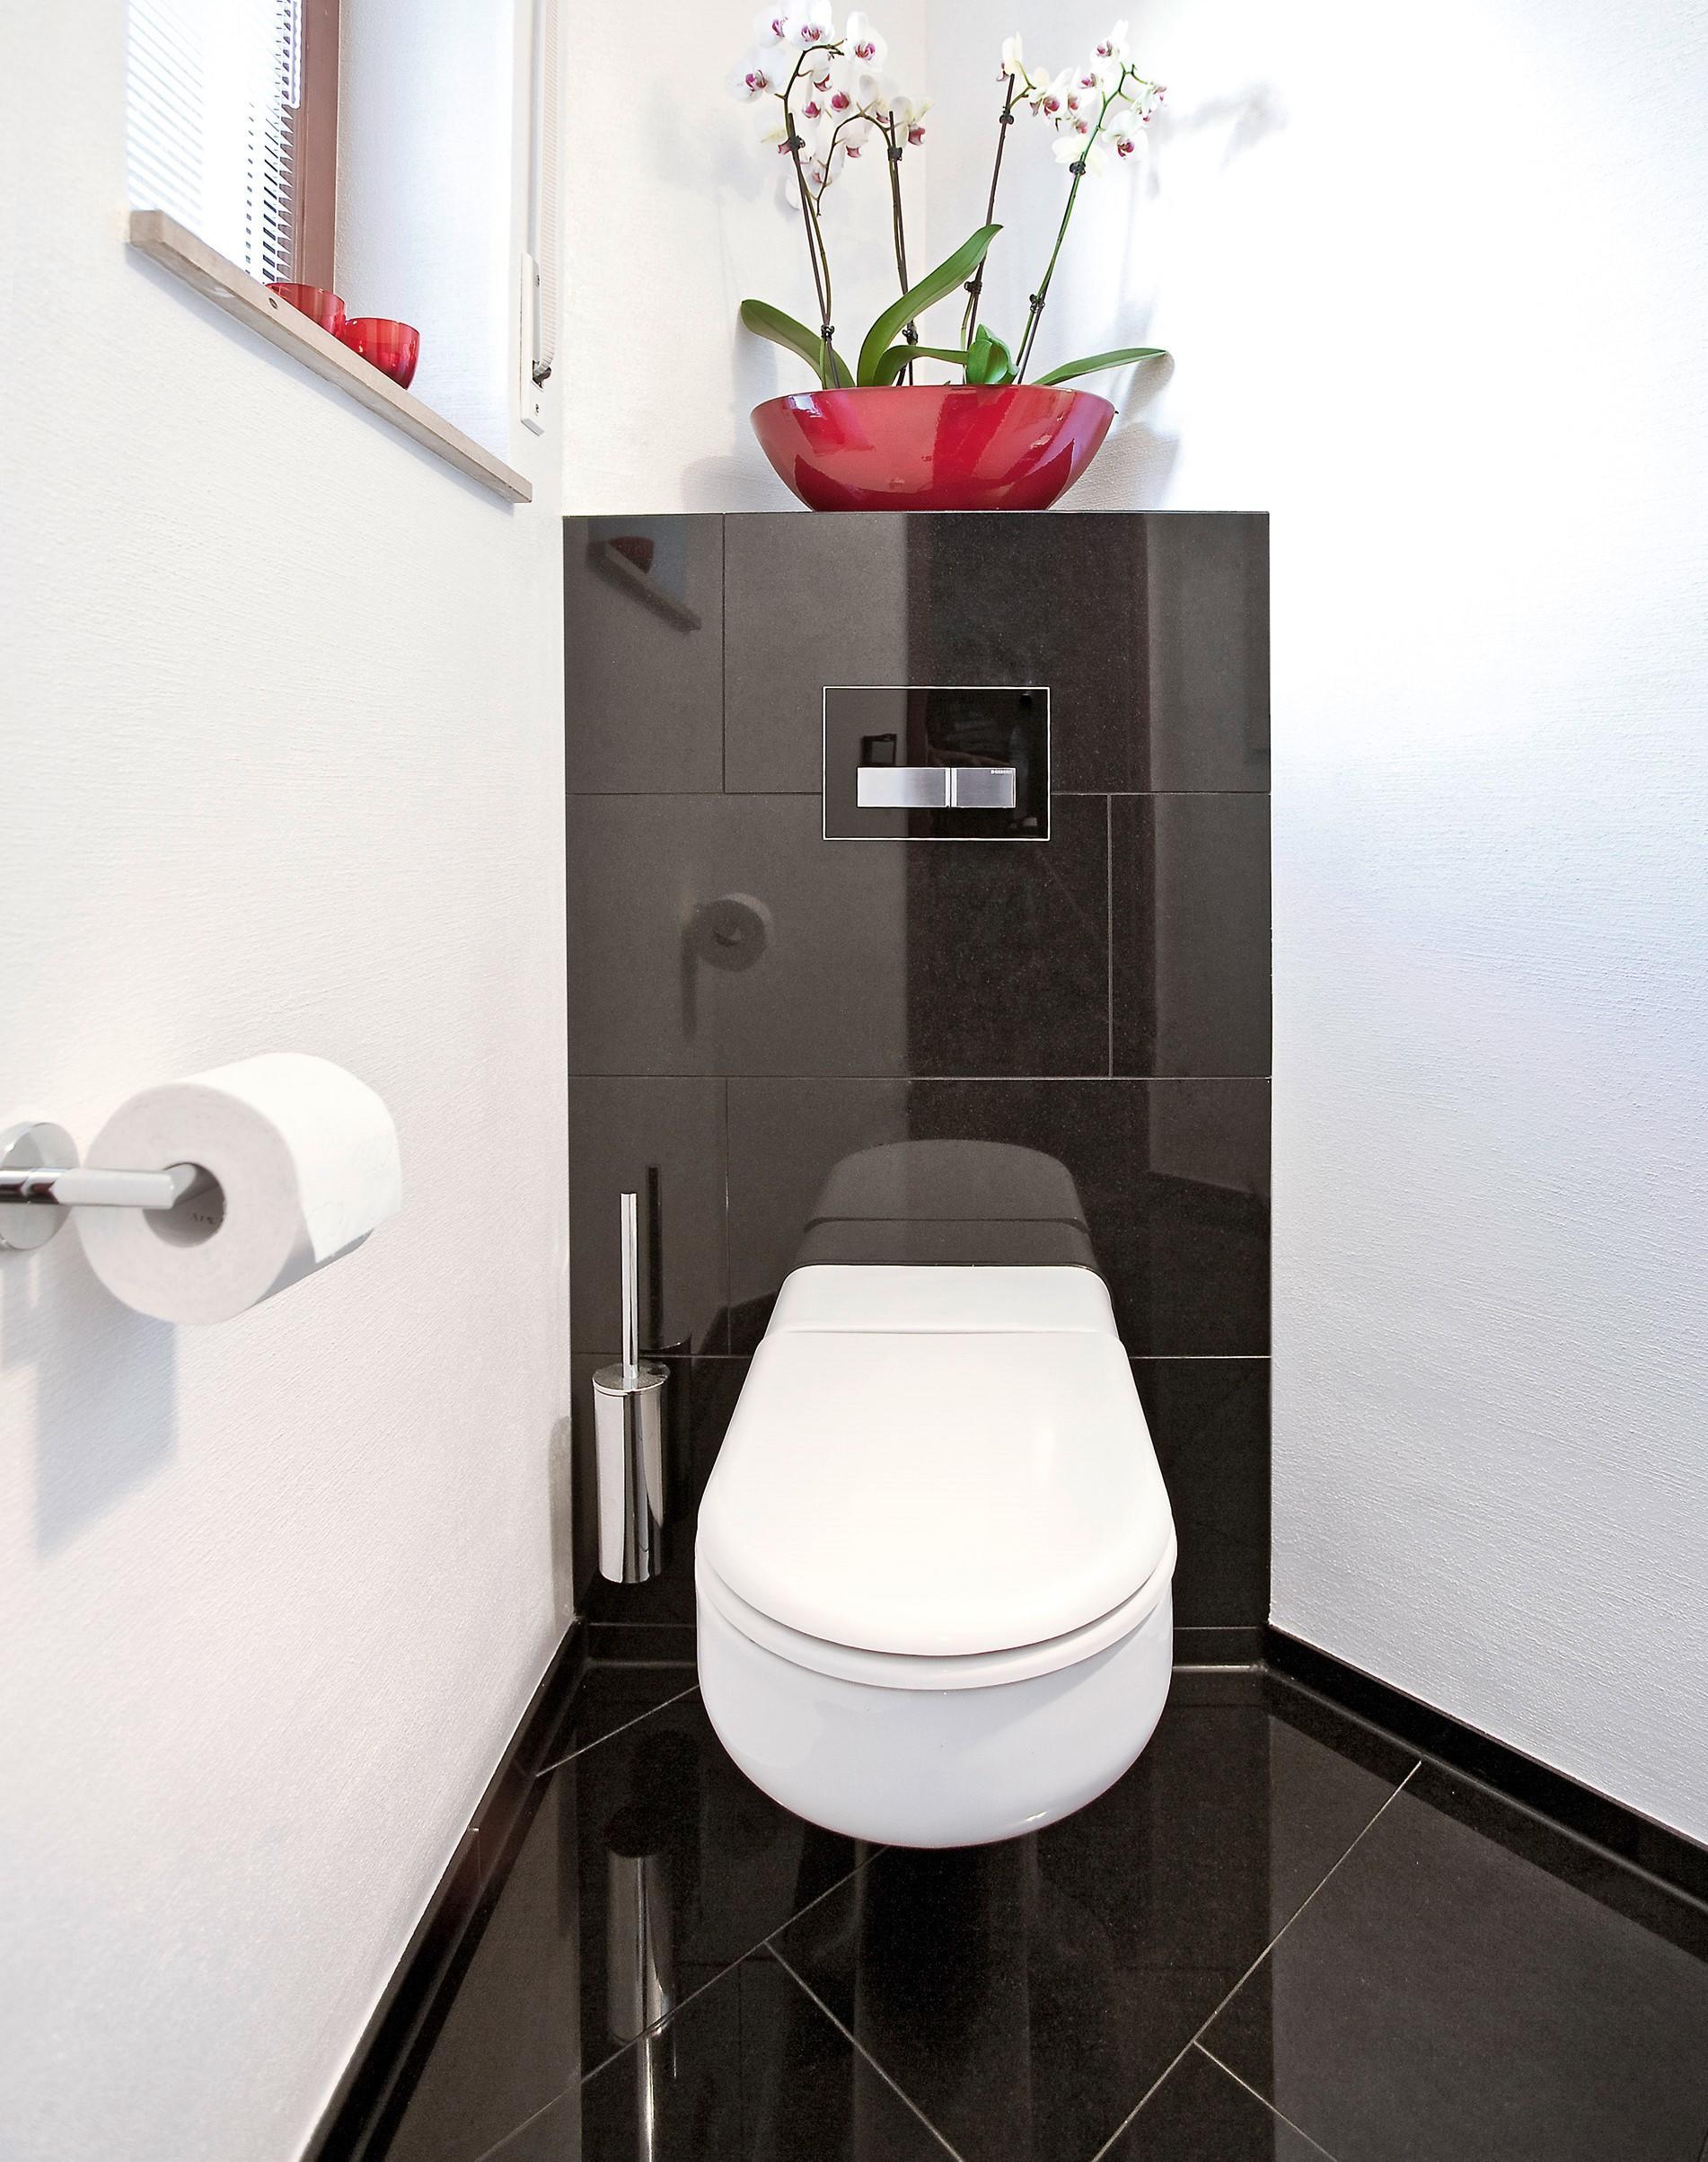 g ste wc im fern stlichen stil mundle sindelfingen. Black Bedroom Furniture Sets. Home Design Ideas